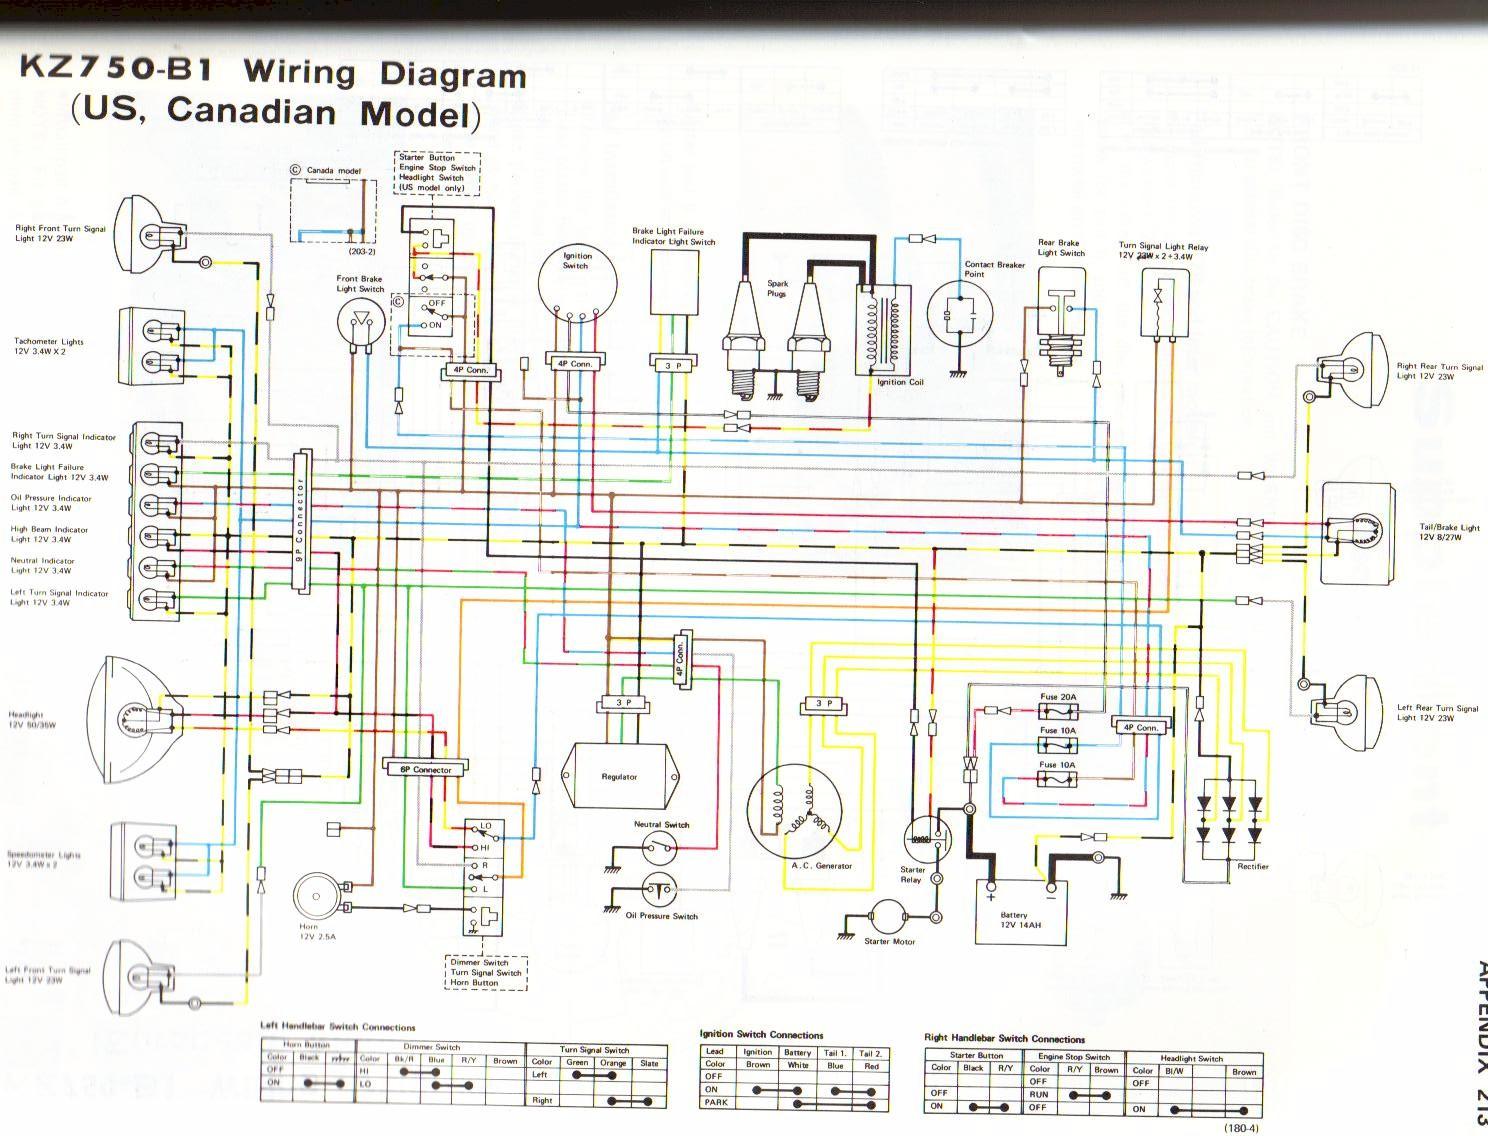 2004 Gsxr 1000 Wiring Diagram Schematics 2006 100 1997 Trusted Diagrams Full Suzuki